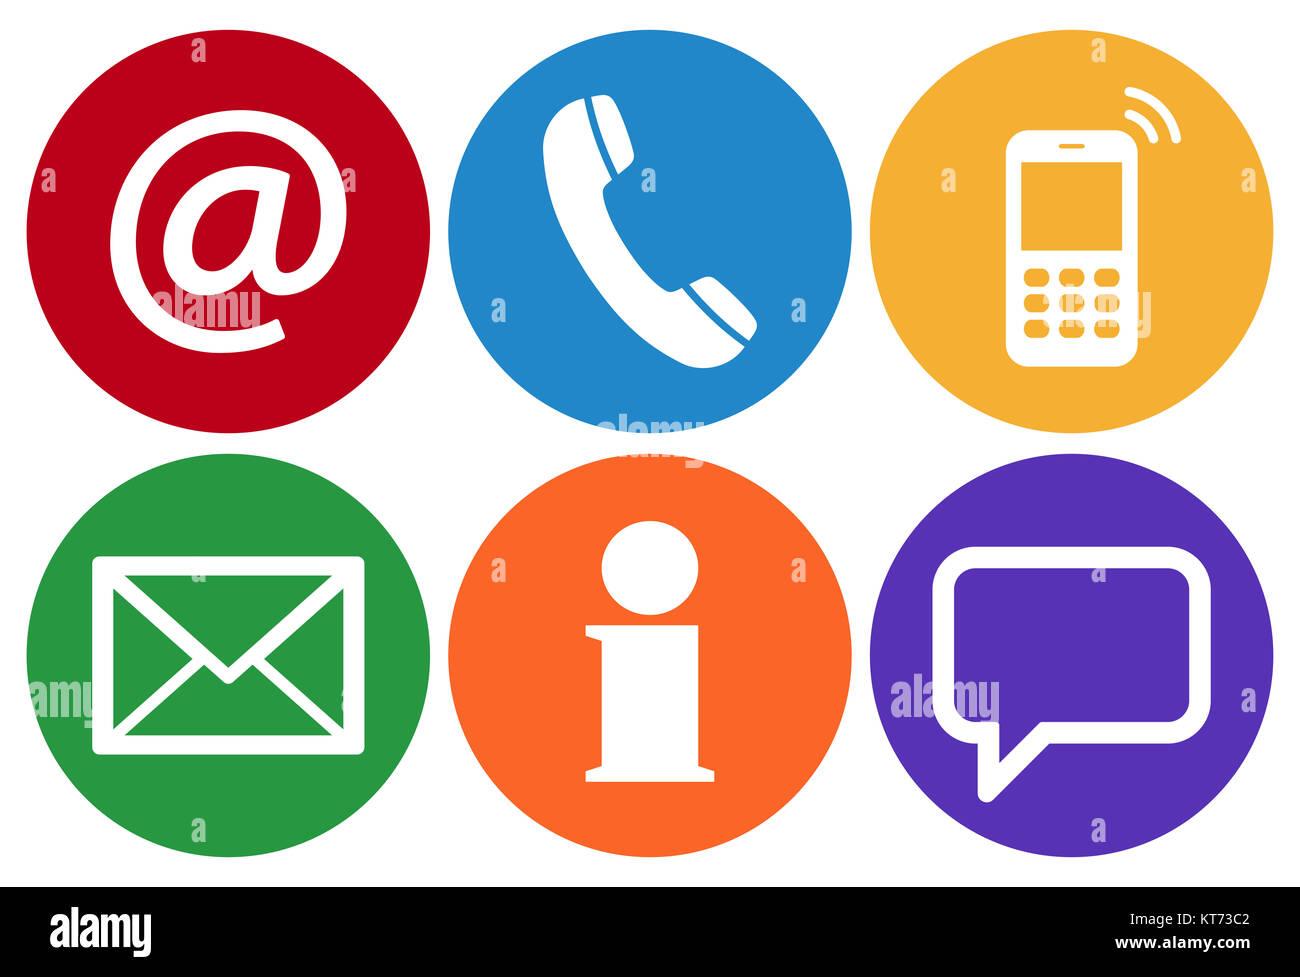 Kontaktieren Sie uns, Satz von sechs weißen Icons in farbige Kreise Stockfoto